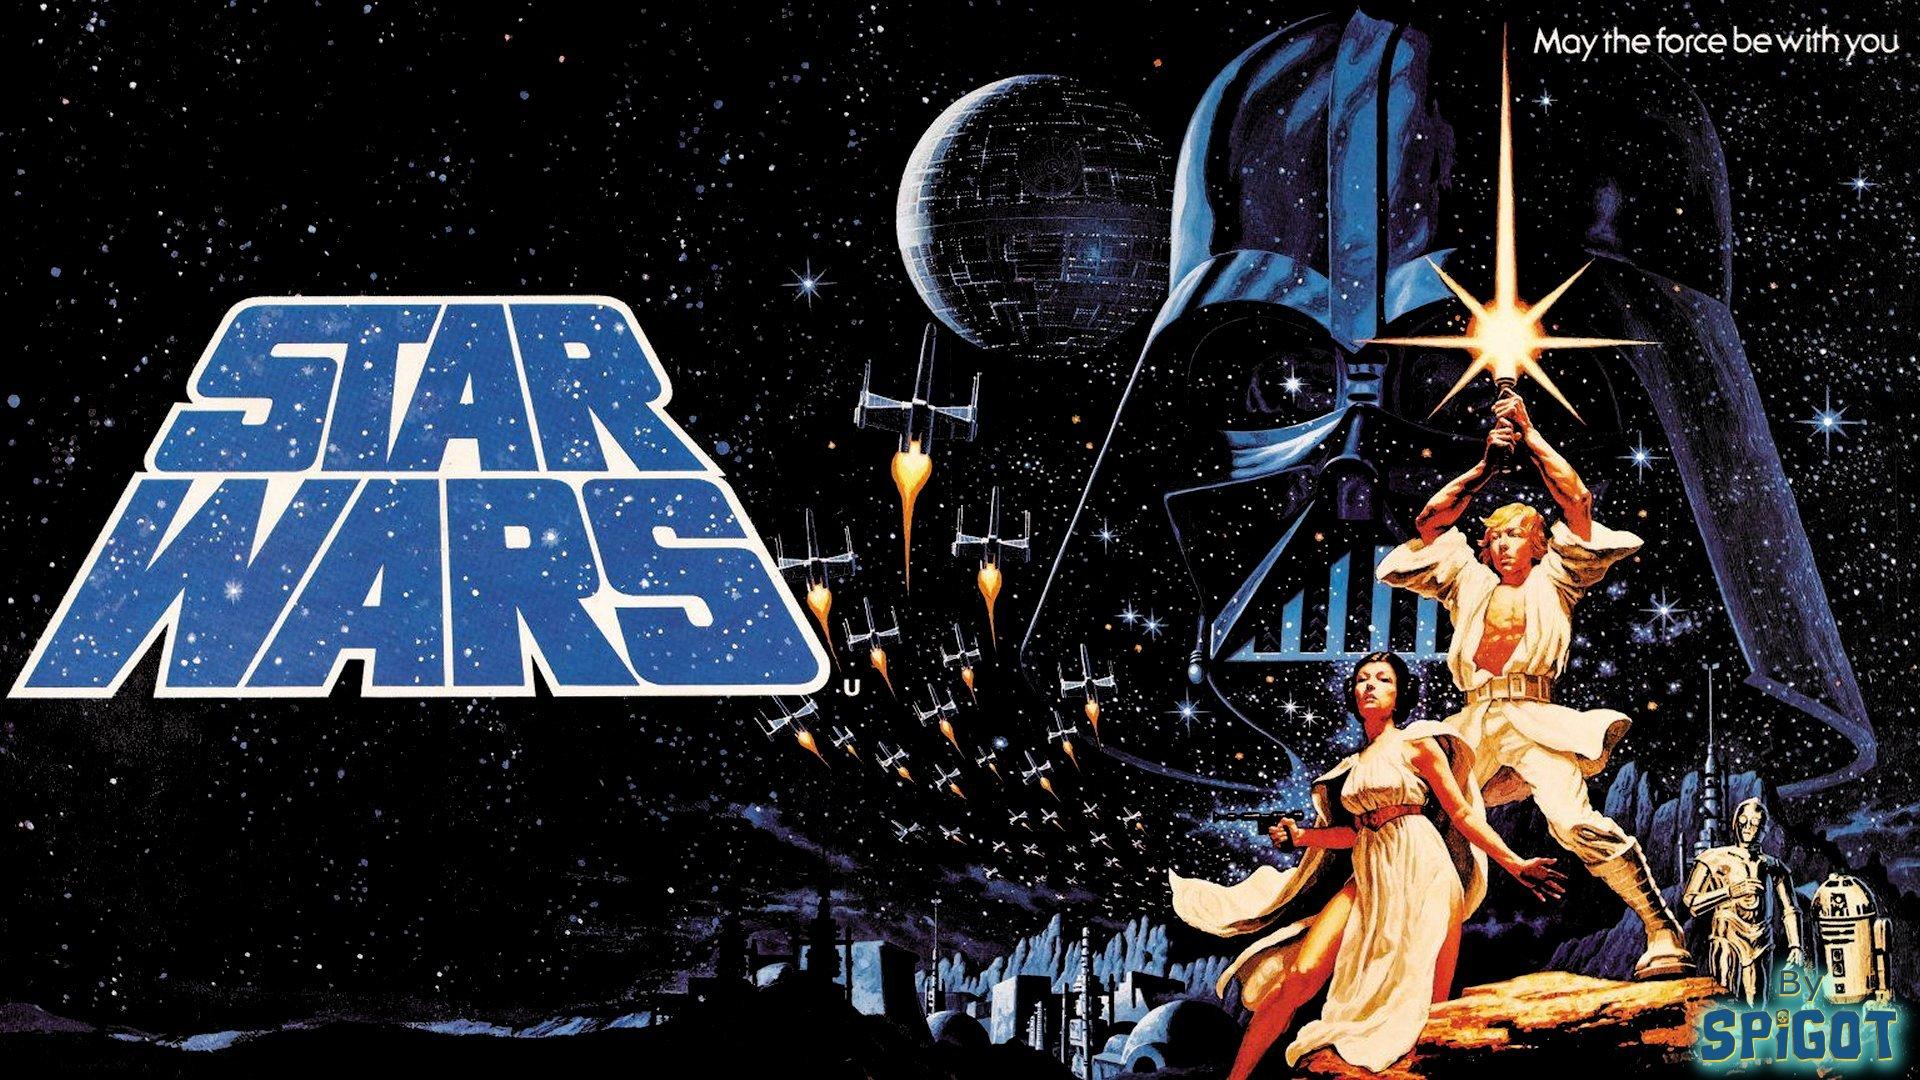 Free Download Description Star Wars Wallpaper Hd Is A Hi Res